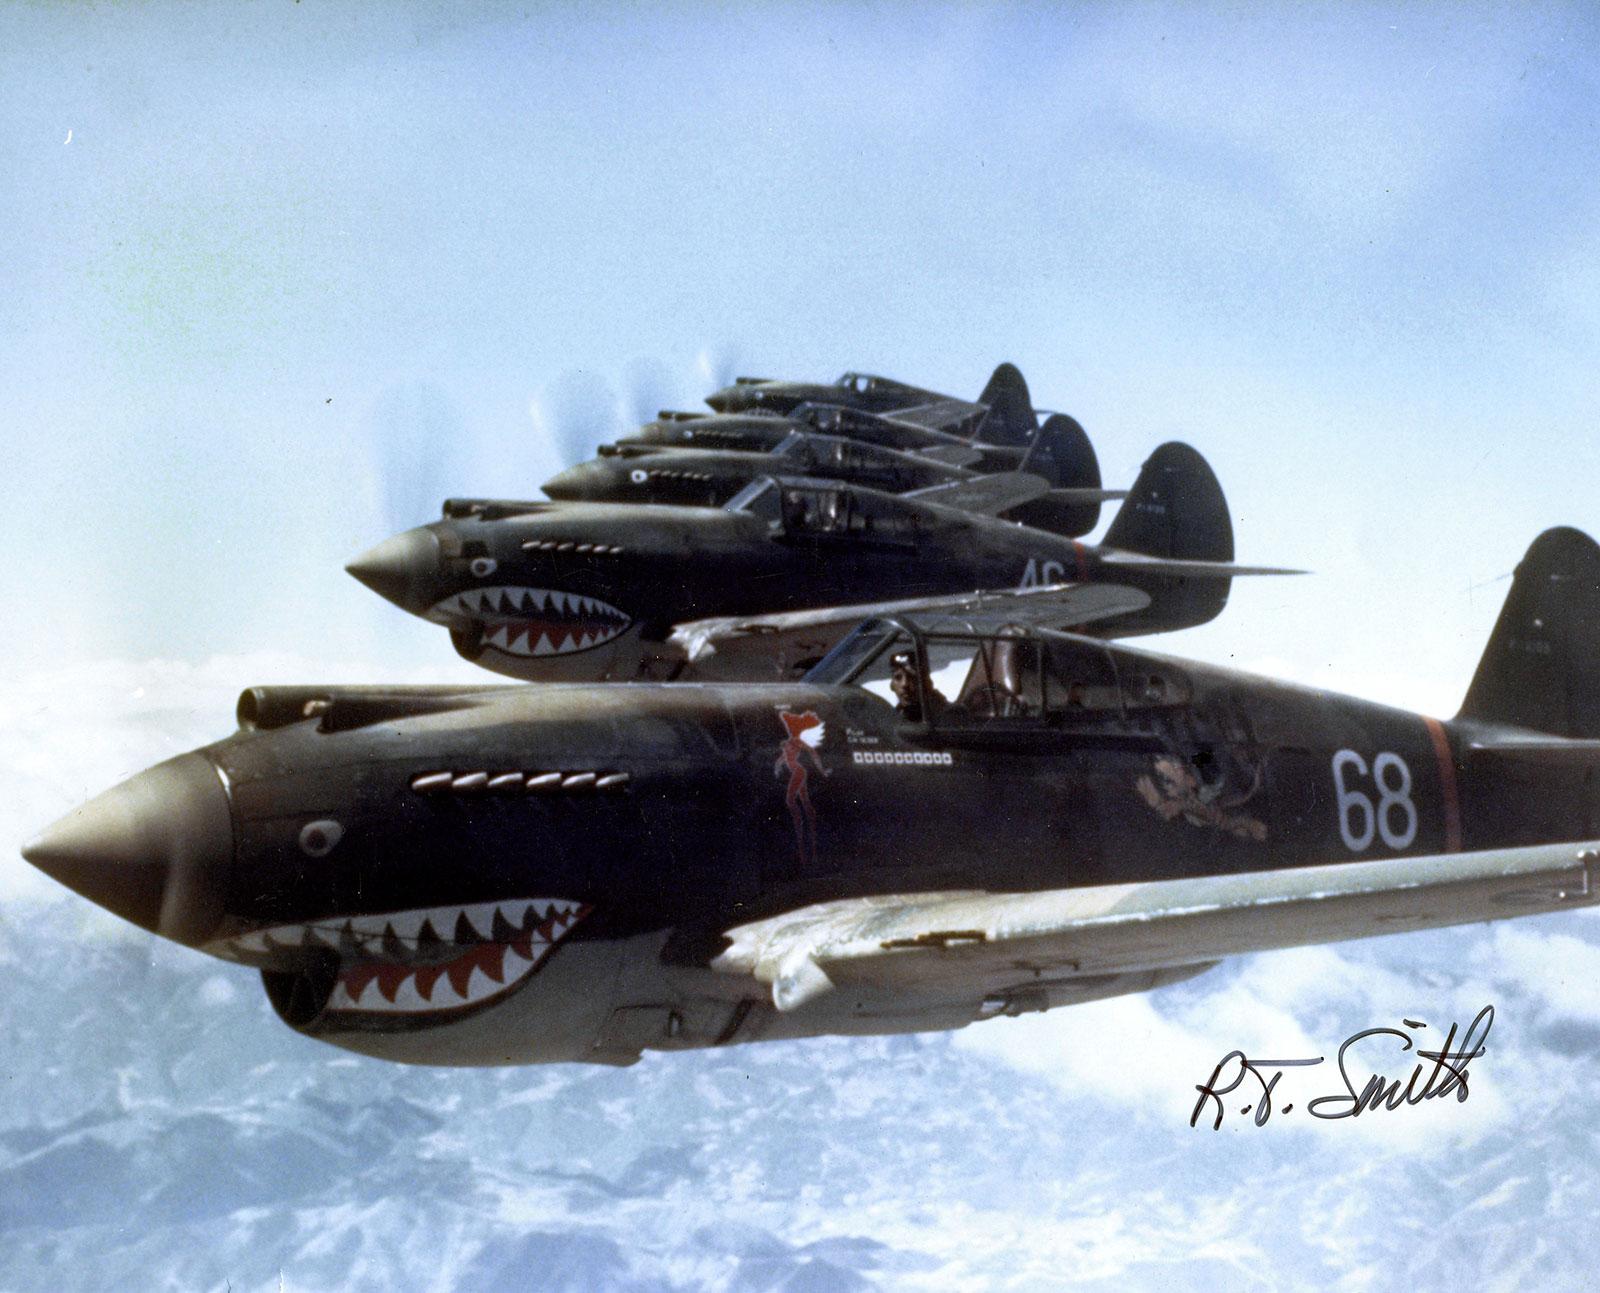 Hells_Angels,_Flying_Tigers_1942_p40_warhawk